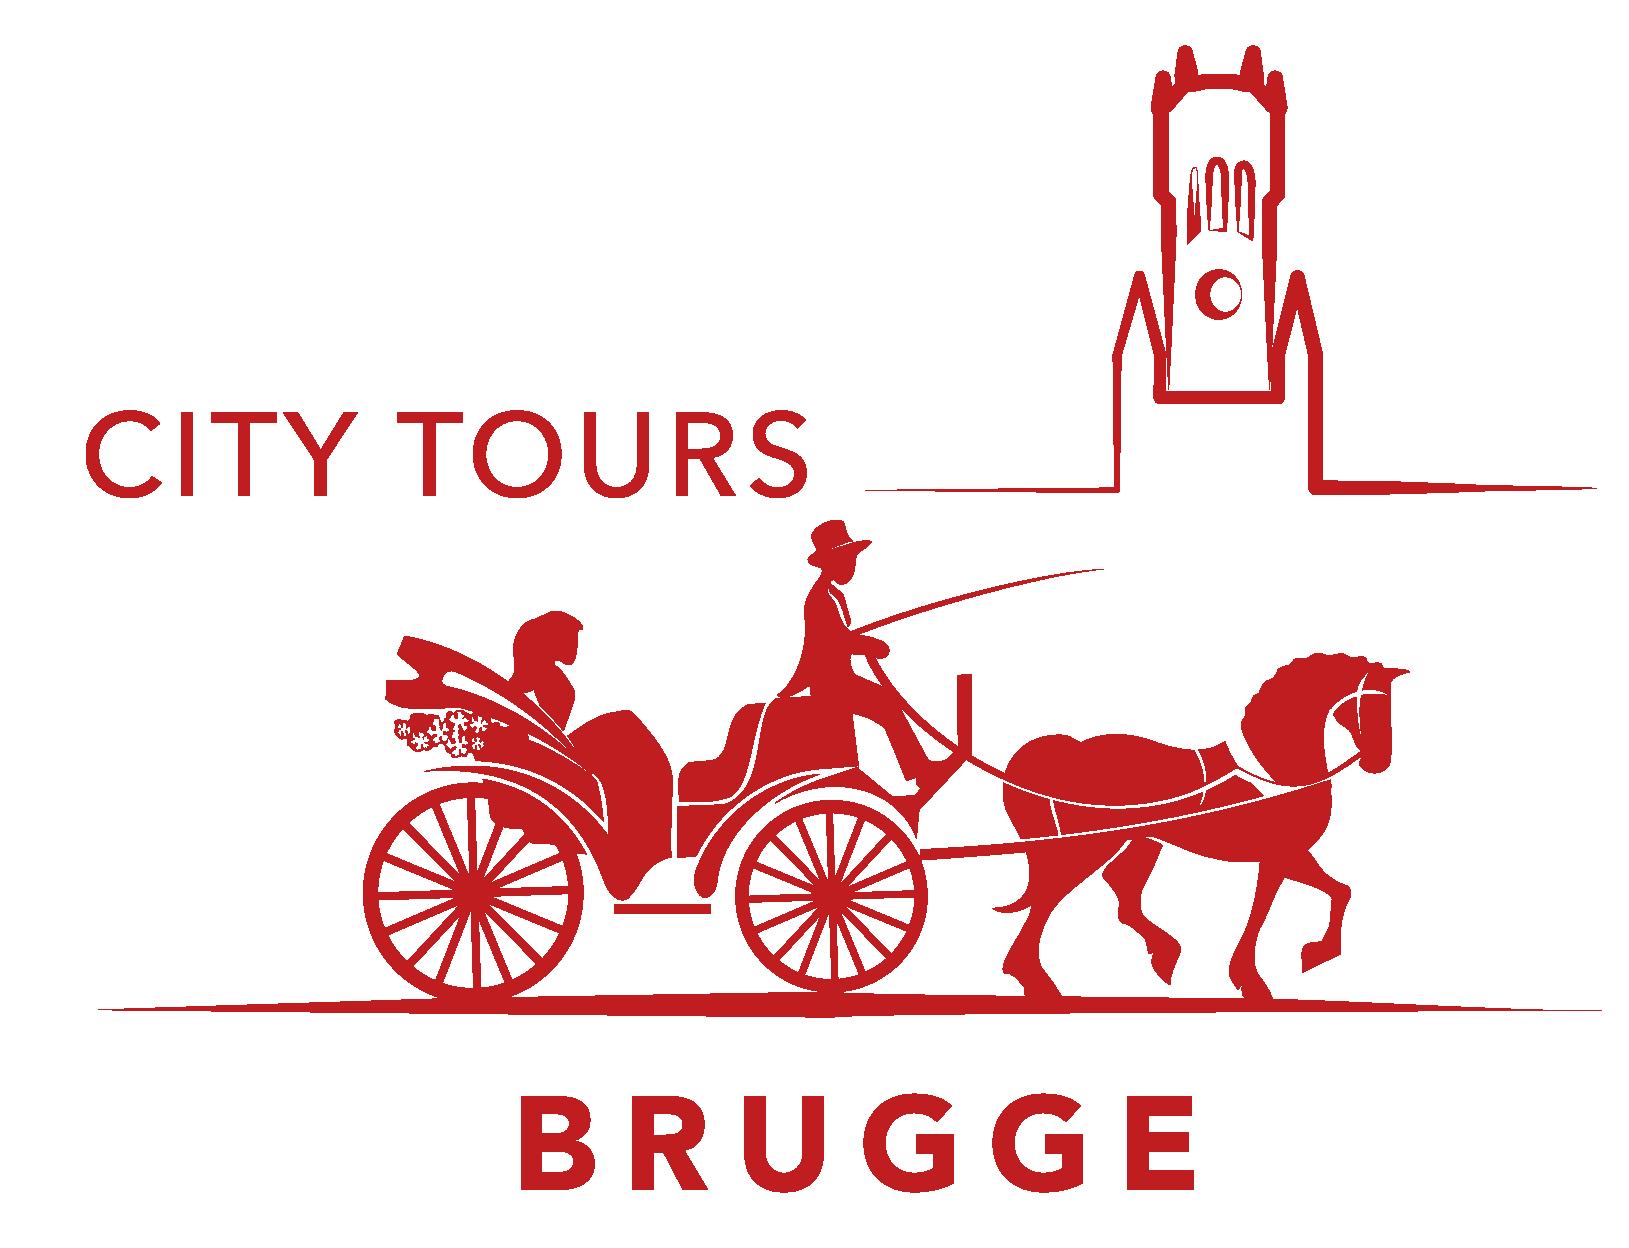 City tours in brugge met paard en kar